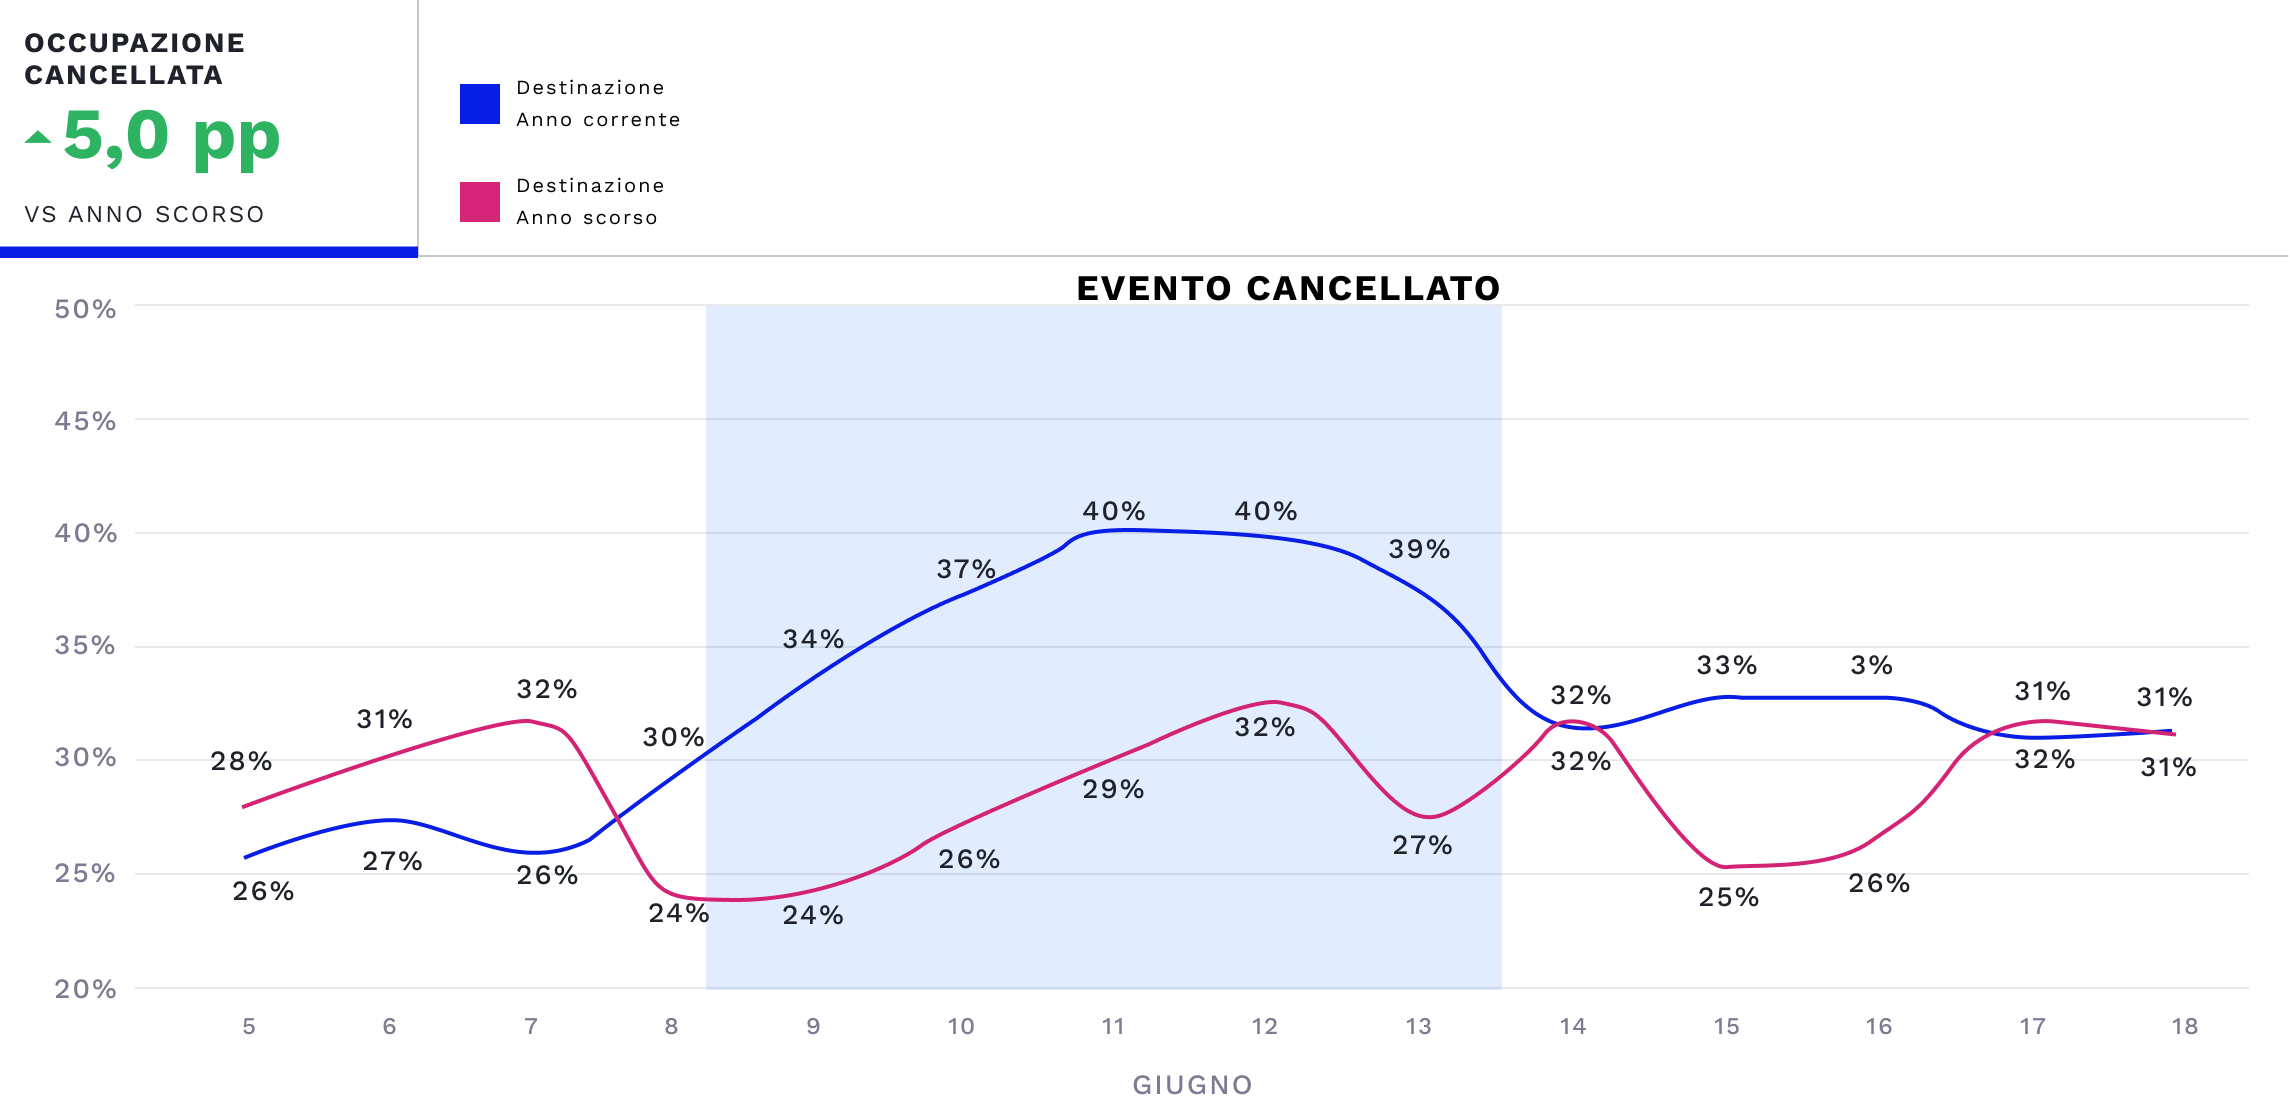 cancellazione-occupazione-evento-destinazione